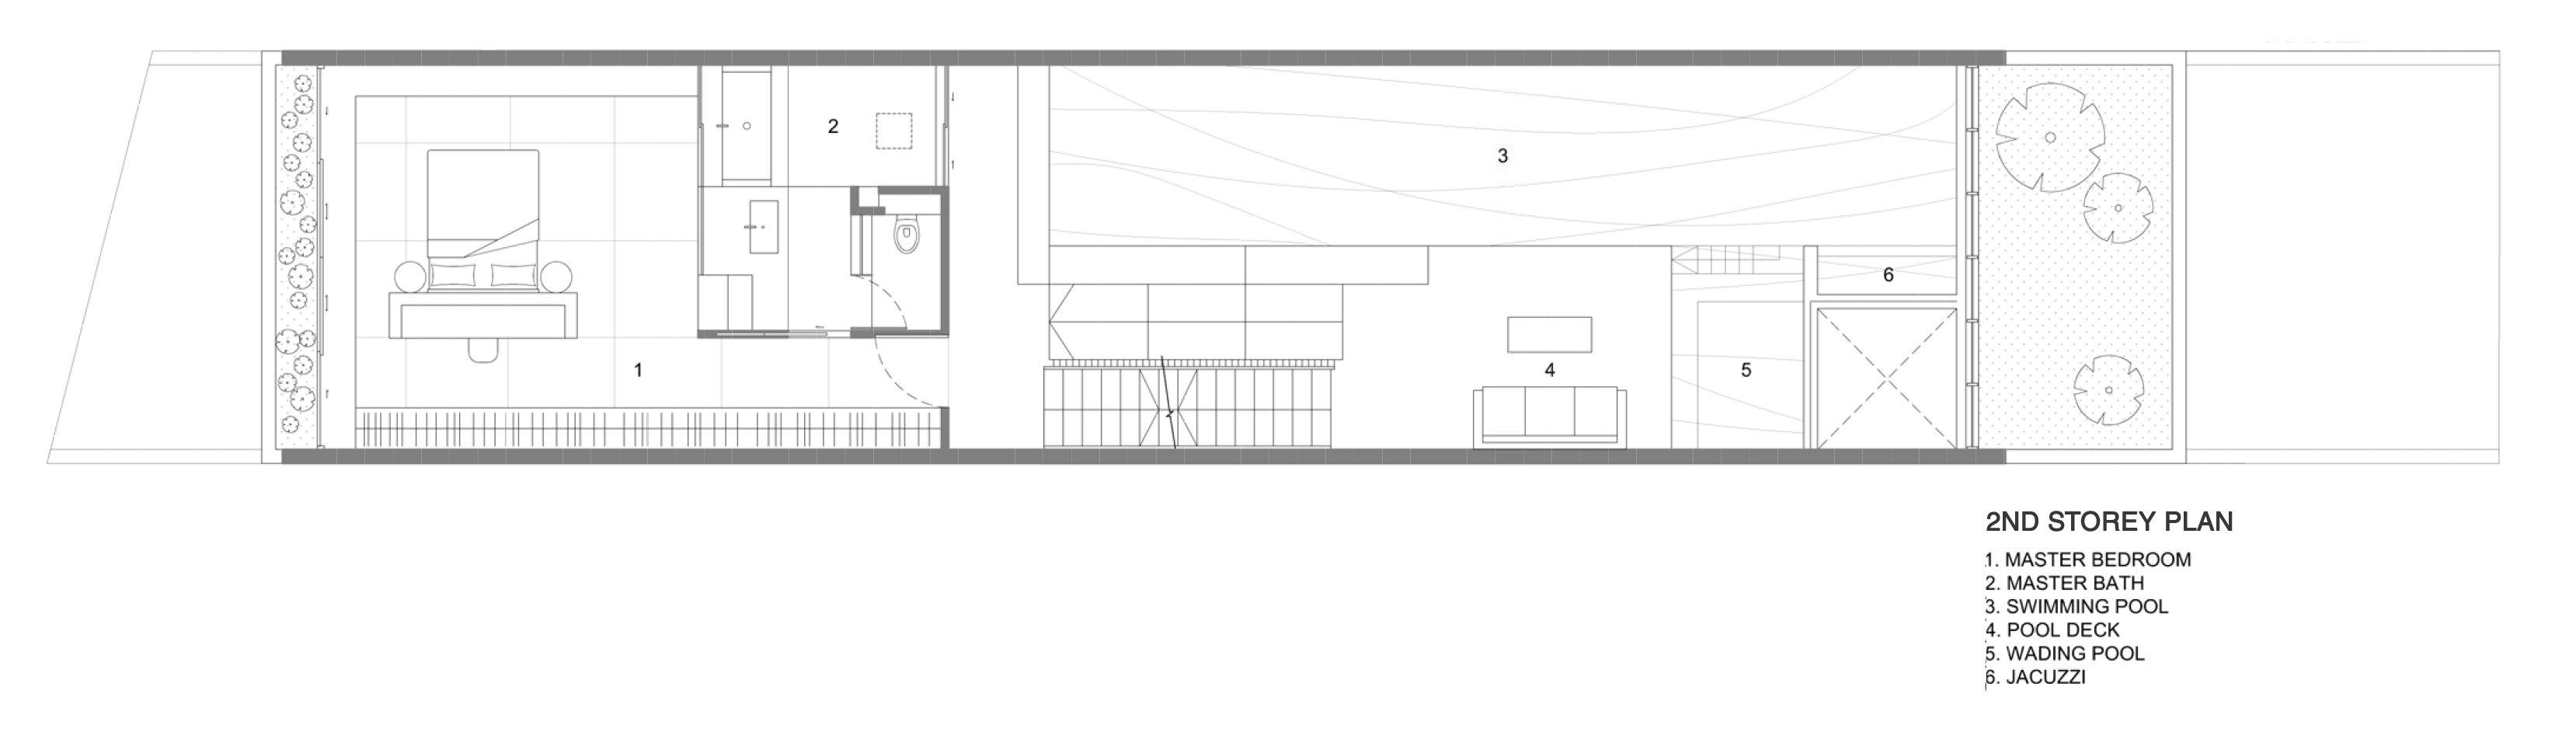 2nd Storey Plan Formwerkz Architects}